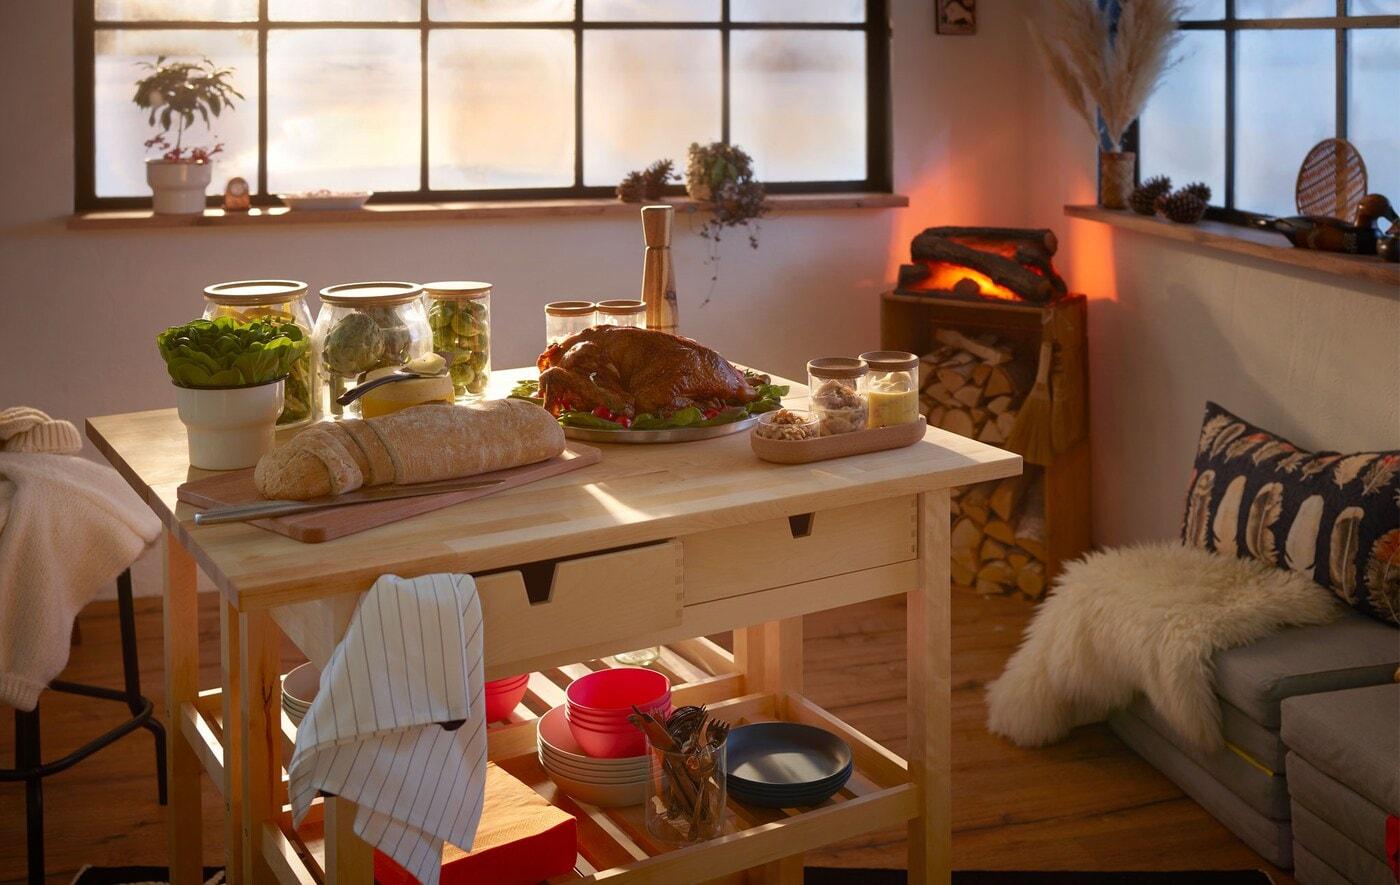 Interiér ve stylu srubu, na dřevěném vozíku spousta jídla, vzadu je krb a velká okna